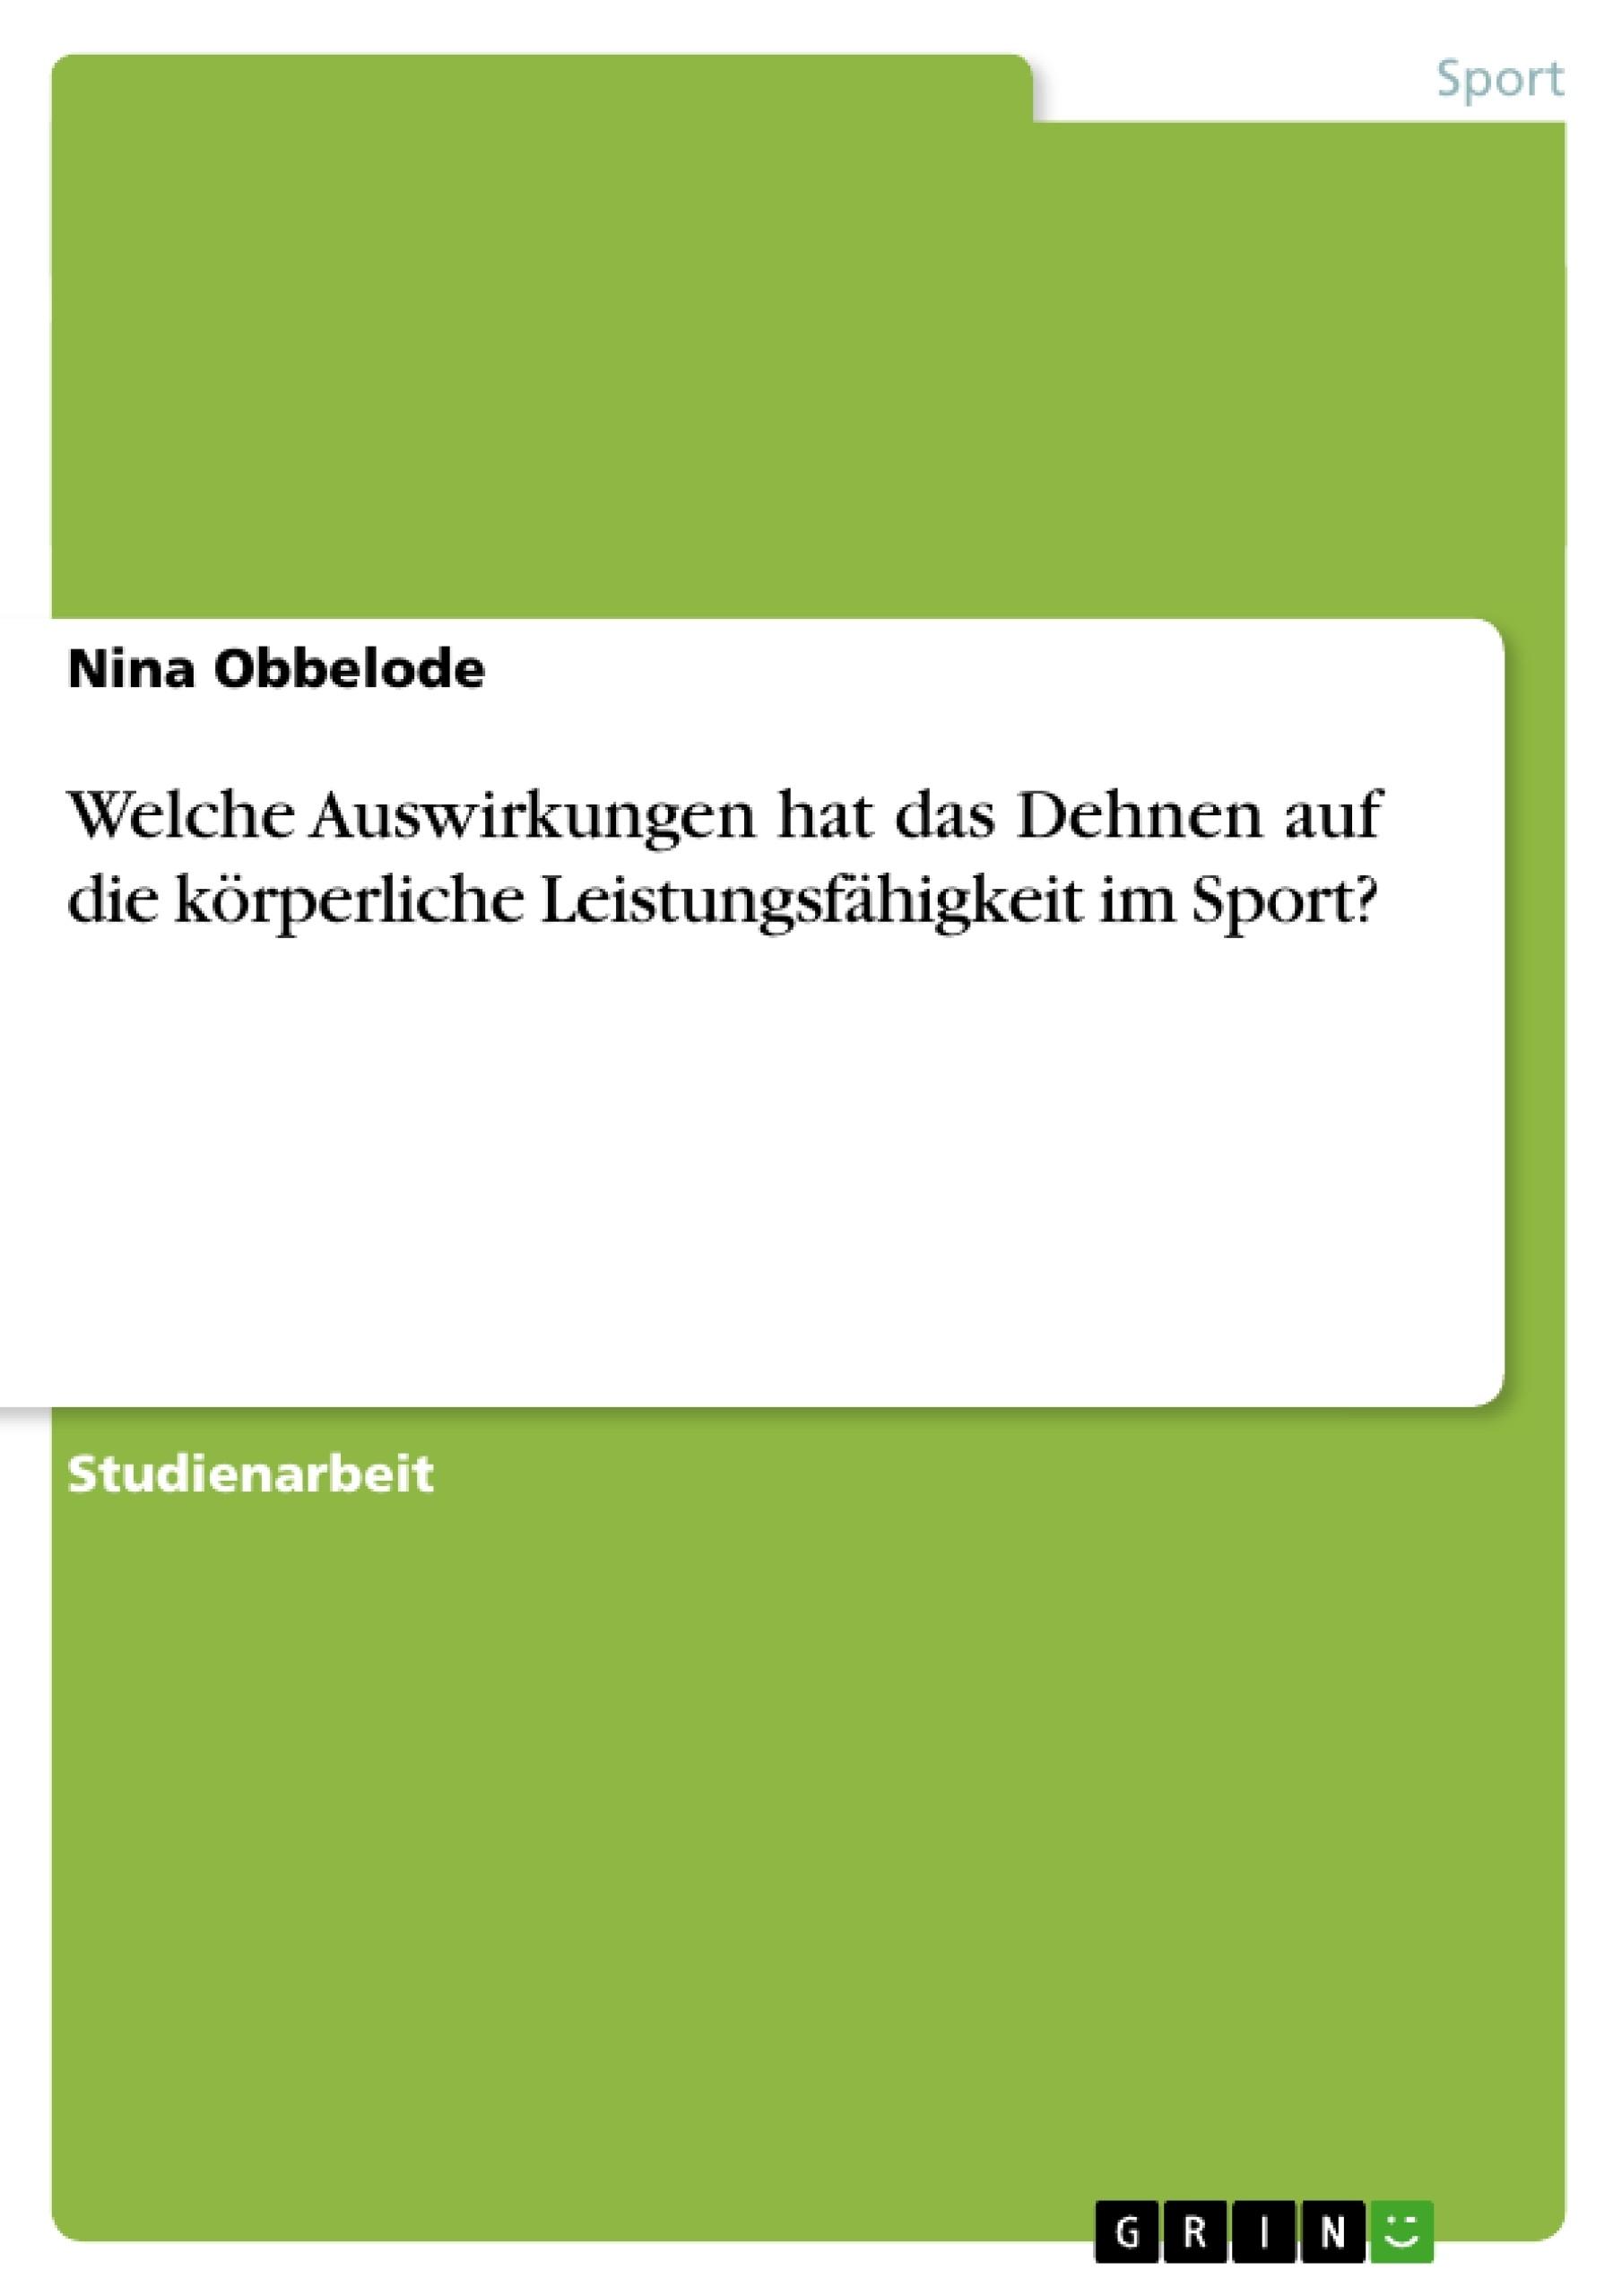 Titel: Welche Auswirkungen hat das Dehnen auf die körperliche Leistungsfähigkeit im Sport?